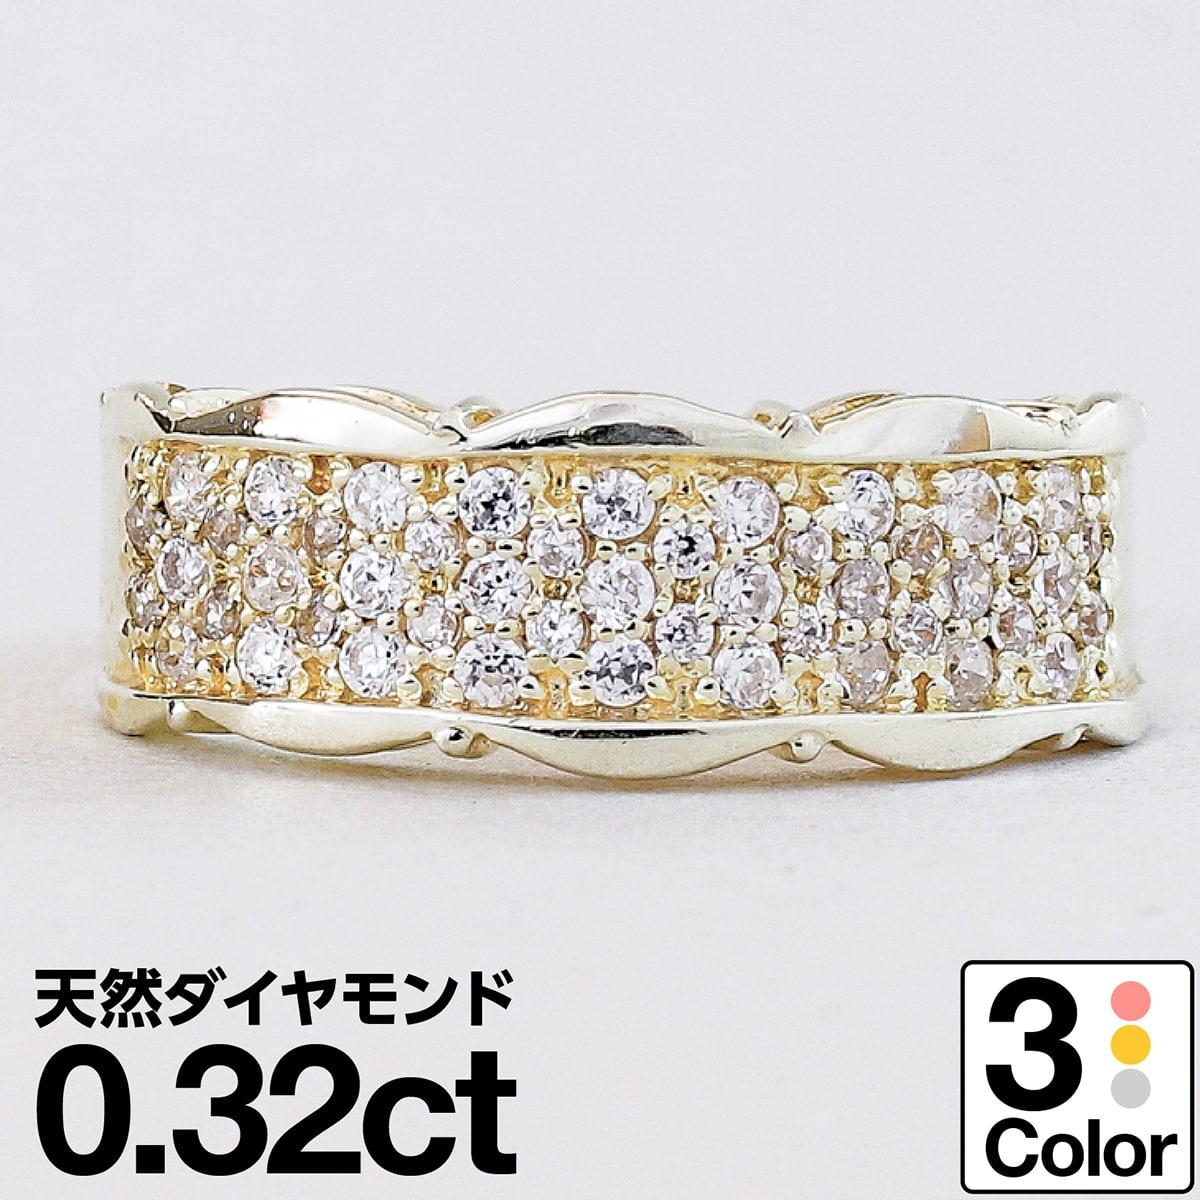 パヴェ ダイヤモンド リング k18 イエローゴールド/ホワイトゴールド/ピンクゴールド ファッションリング 品質保証書 金属アレルギー 日本製 誕生日 ギフト